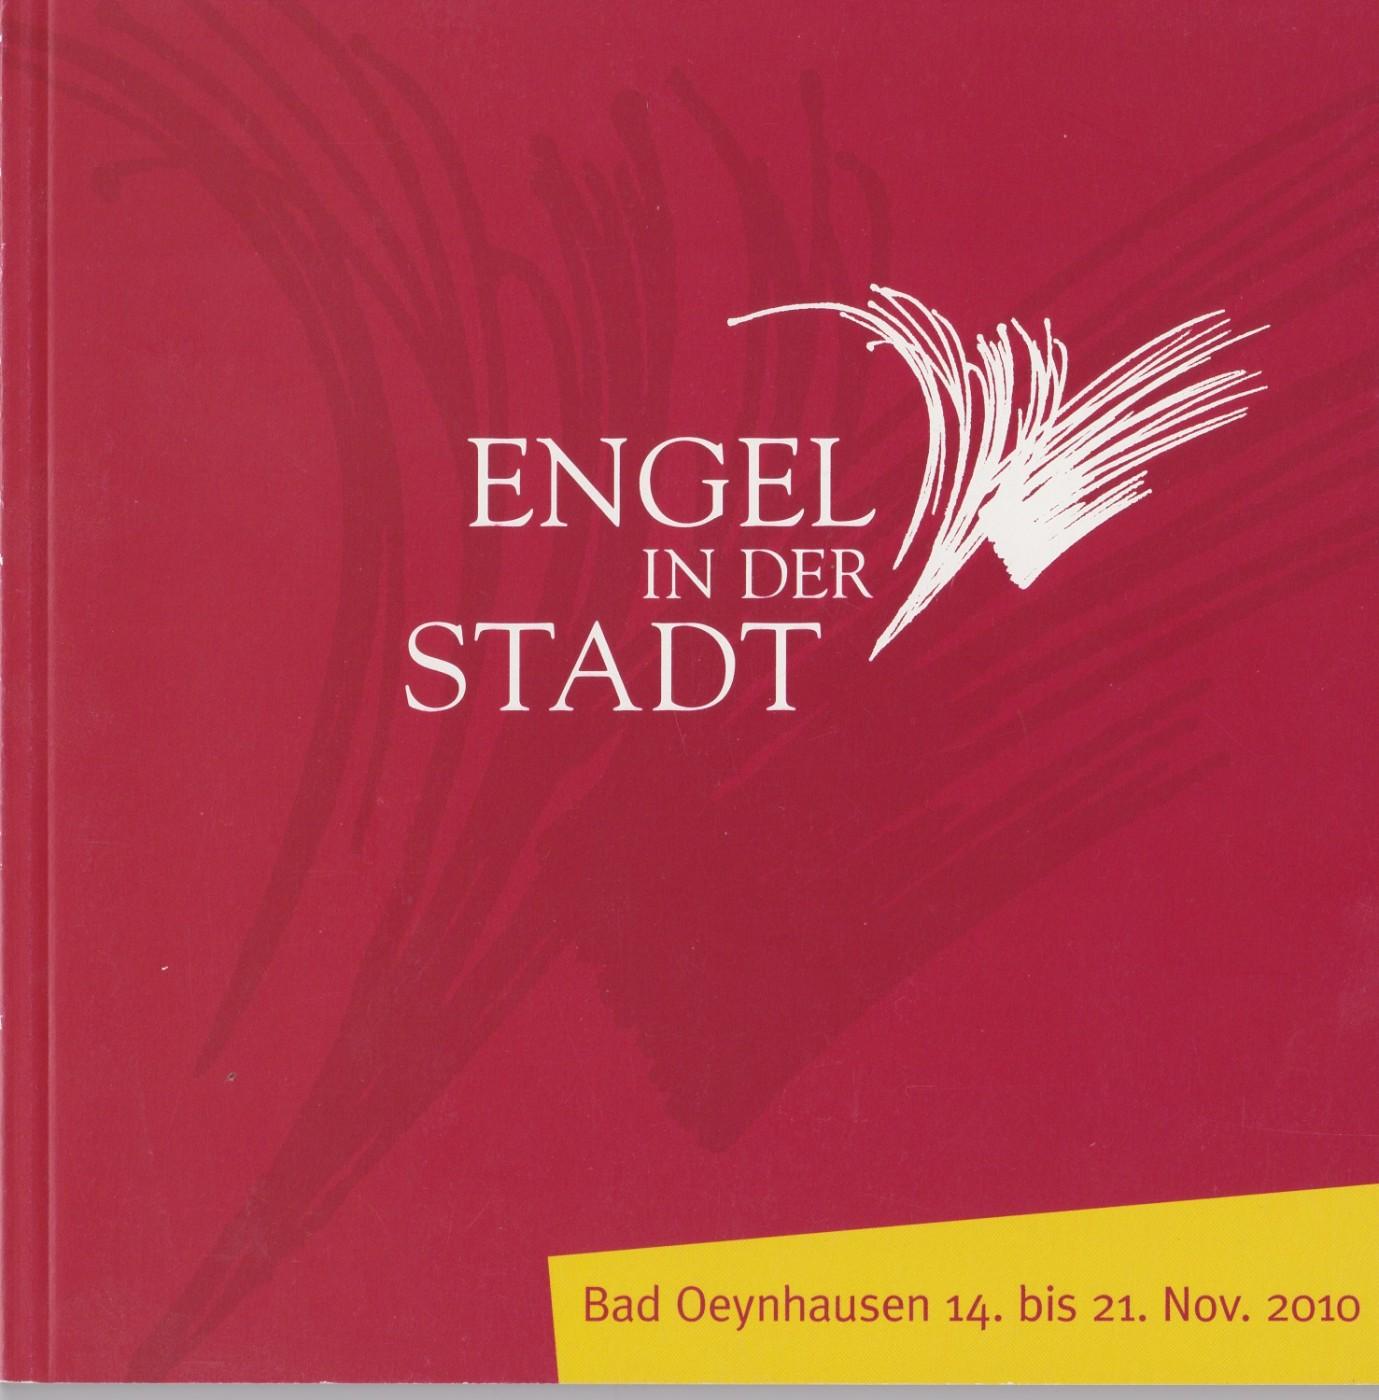 ausstellung-engel-in-der-stadt-oey-2010